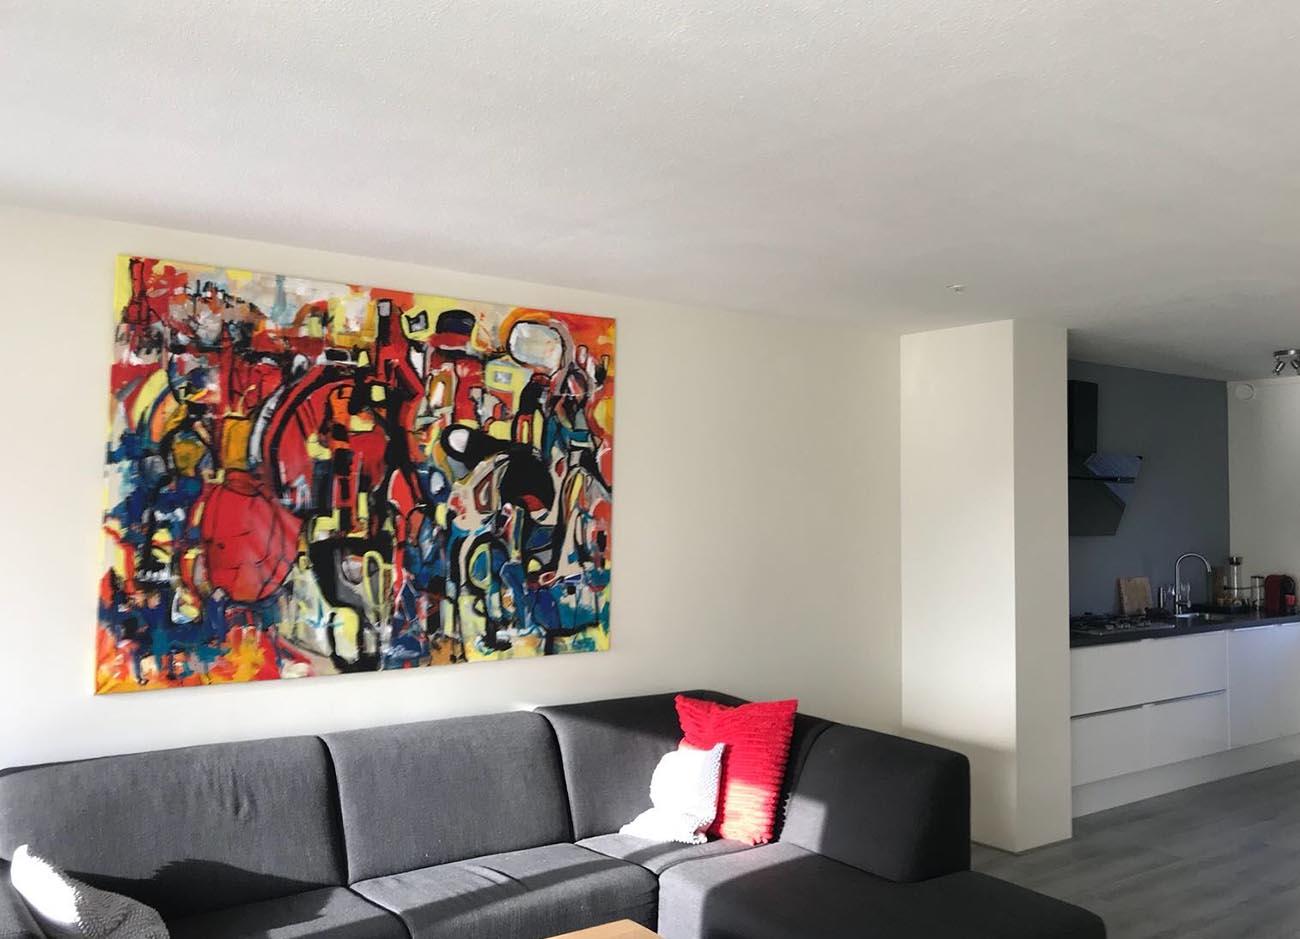 Jogchumskunst - Jogchum Veenstra kunst - Citylife pt 1 2018 inspiratie foto 2